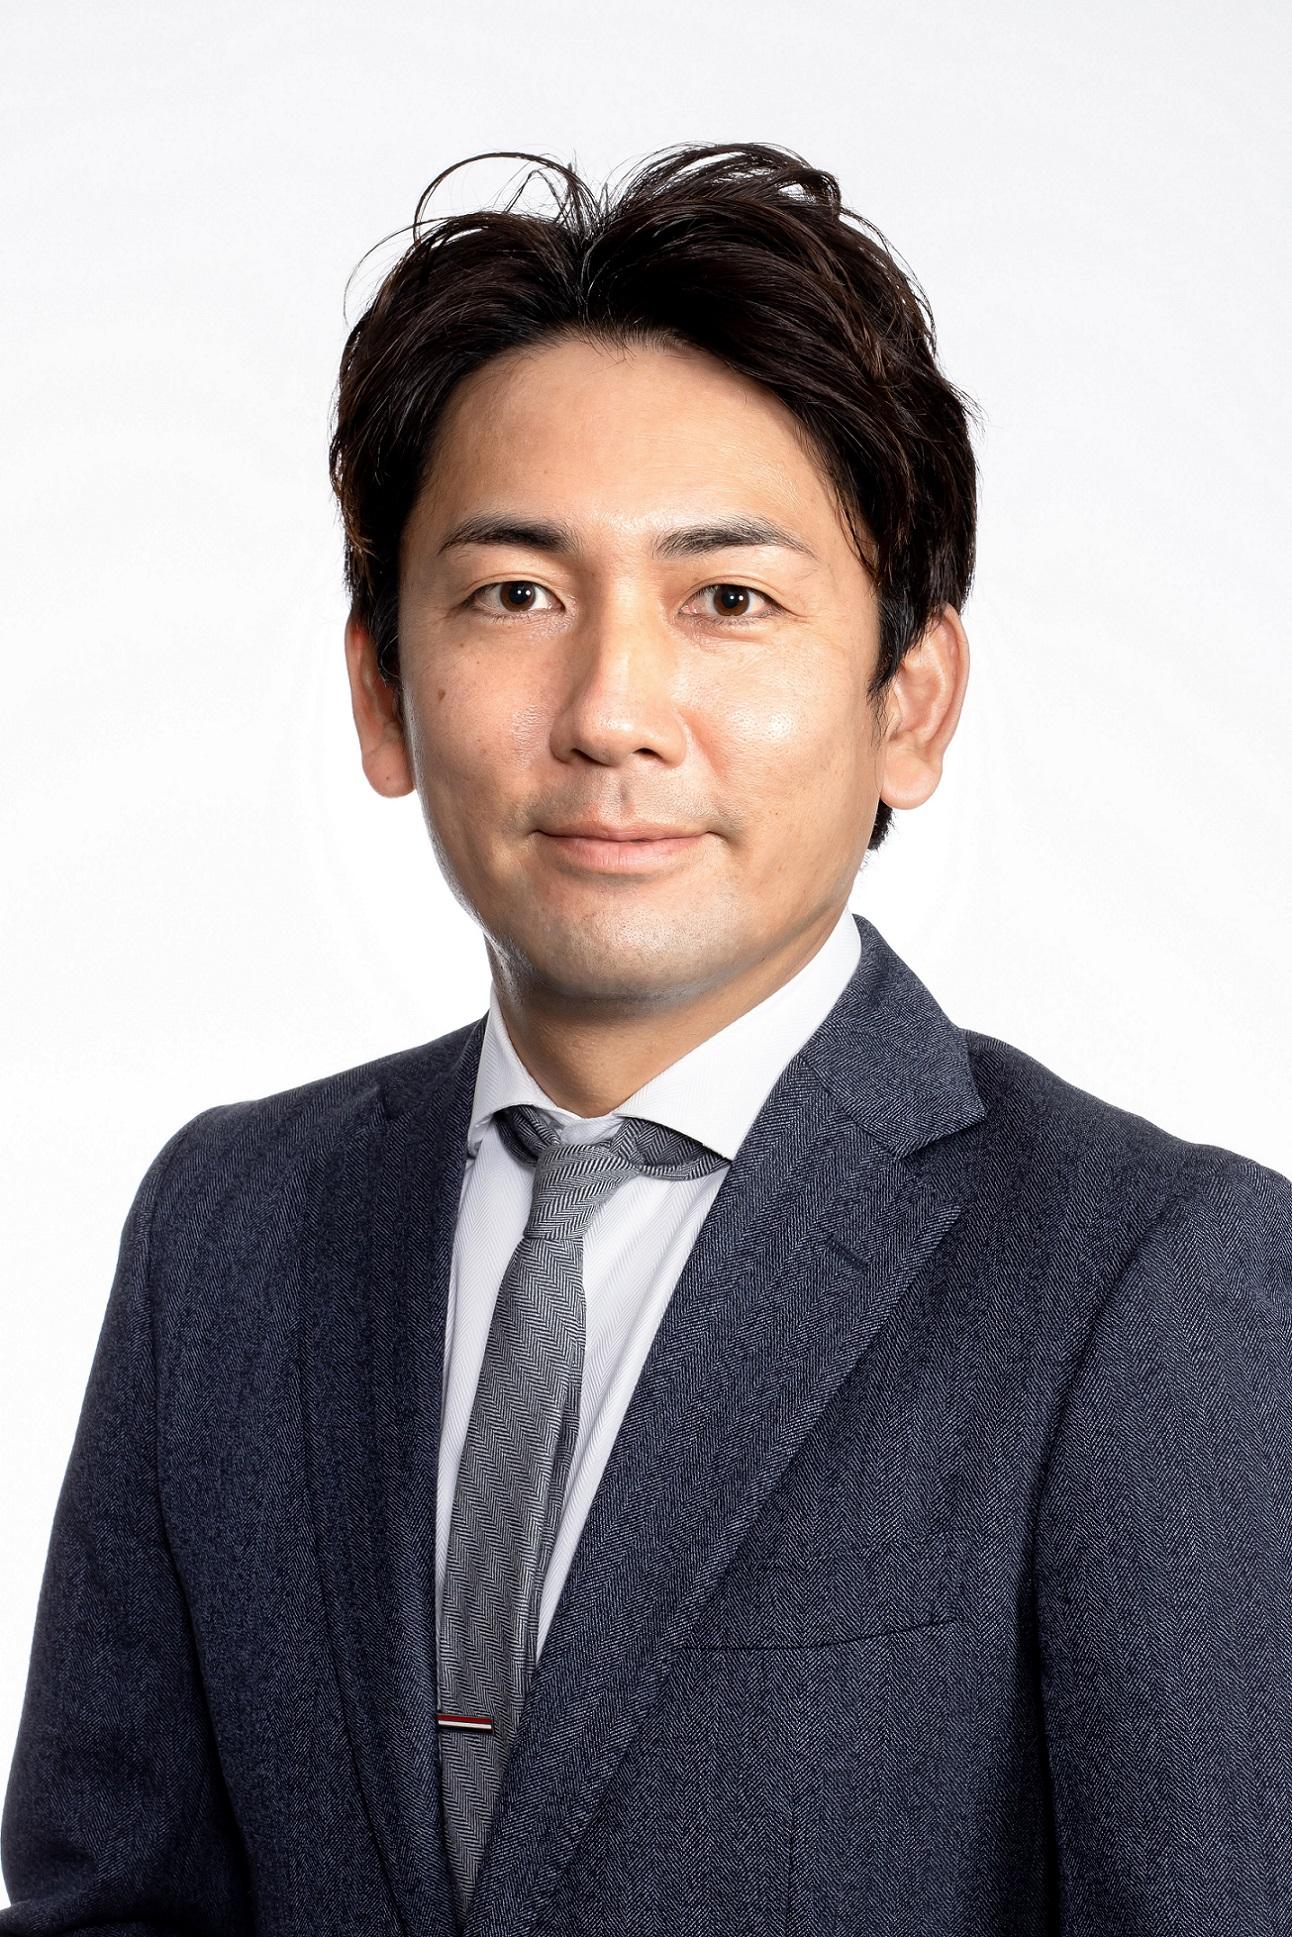 代表取締役社長 嵜本 晋輔 Shinsuke Sakimoto